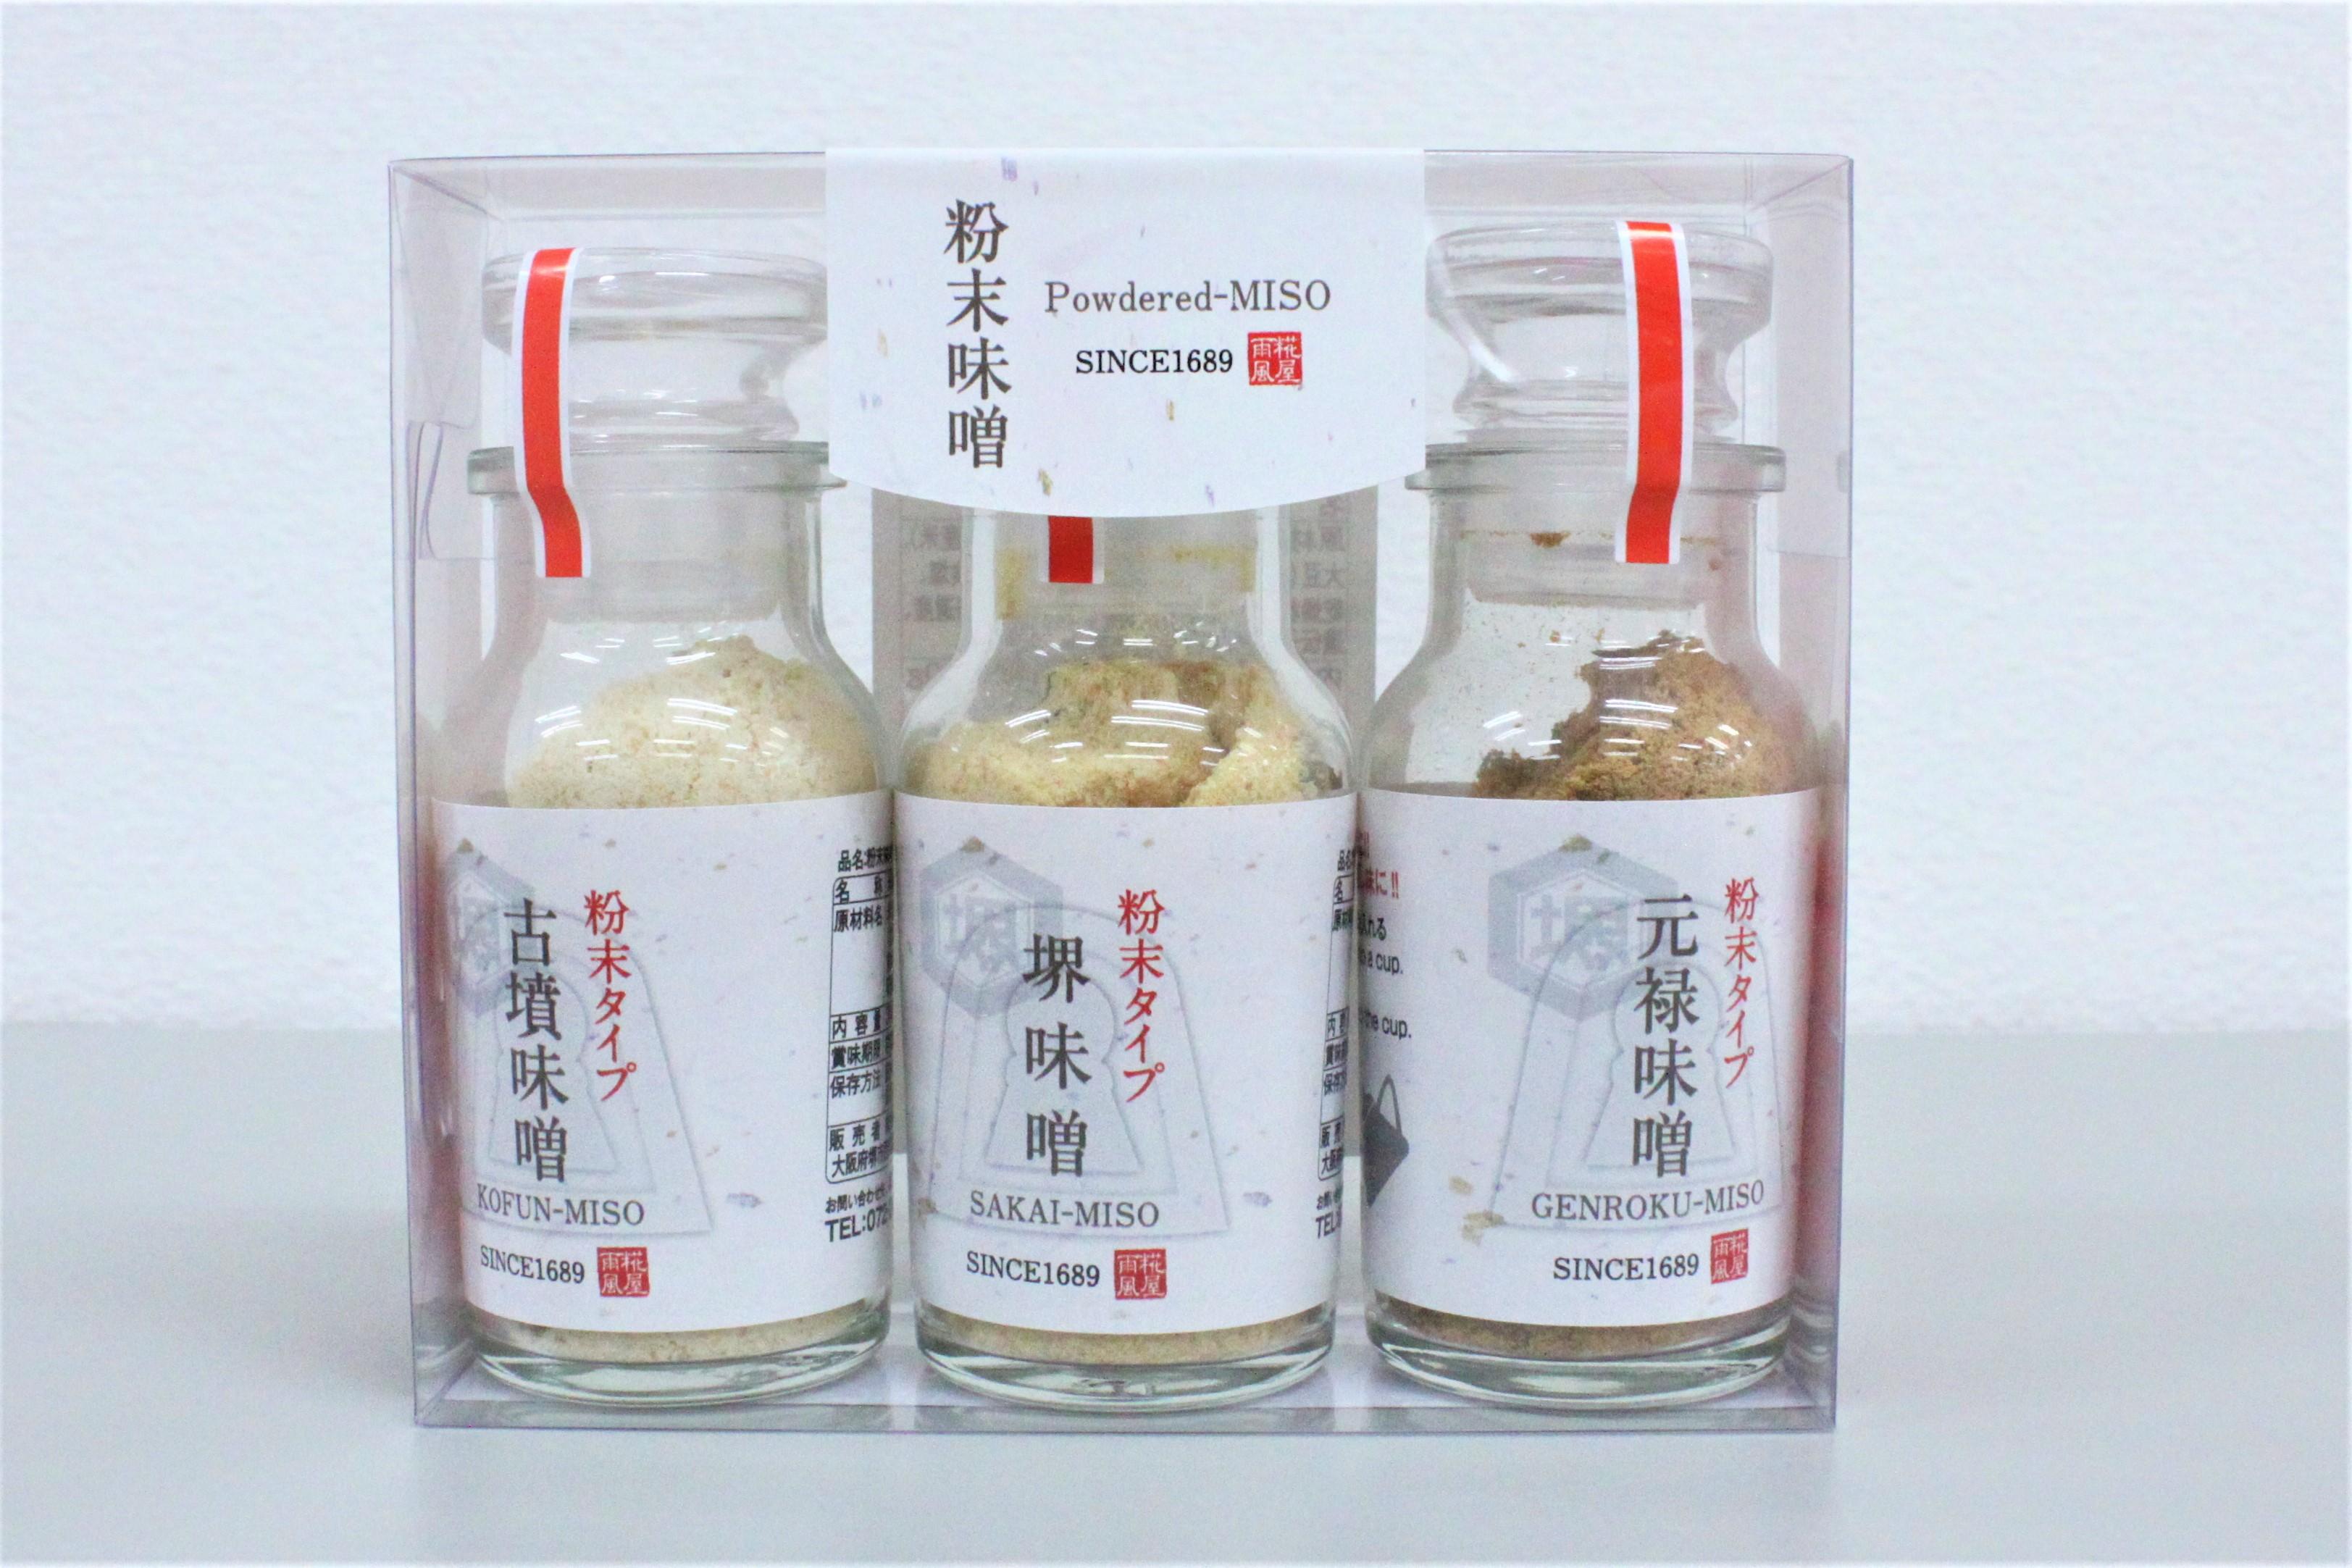 【雨風】粉末味噌3種セット